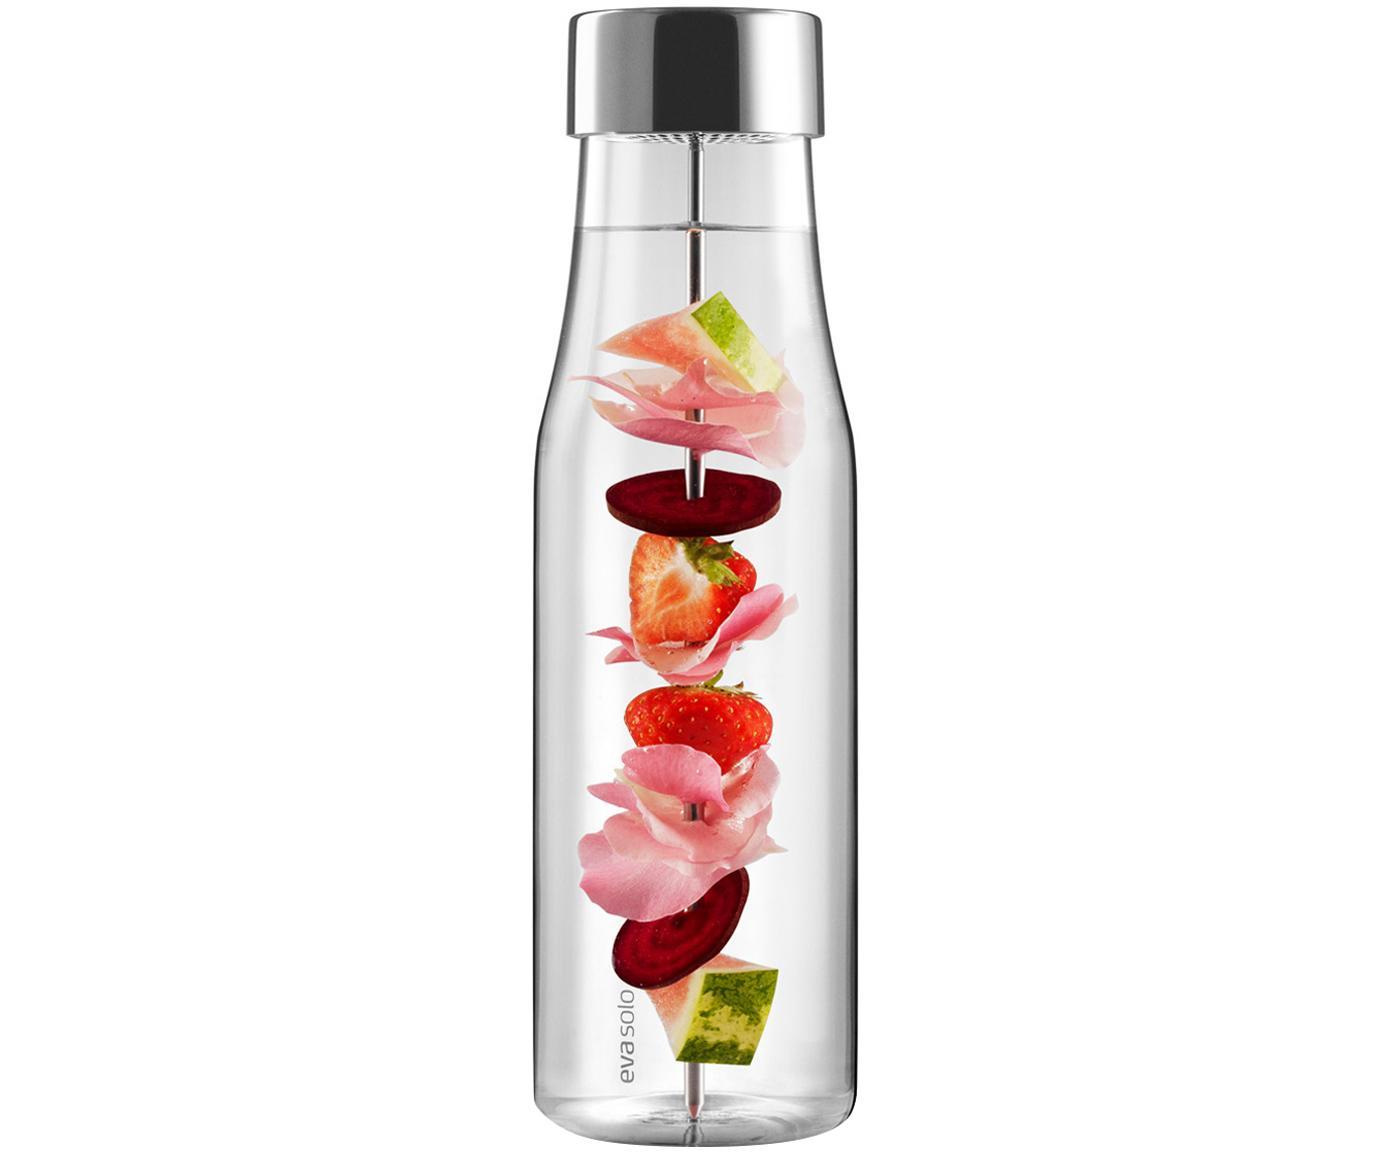 Karaf My Flavour, Deksel: edelstaal, siliconen, Karaf: transparant.  Deksel en spies: edelstaalkleurig, 1 L